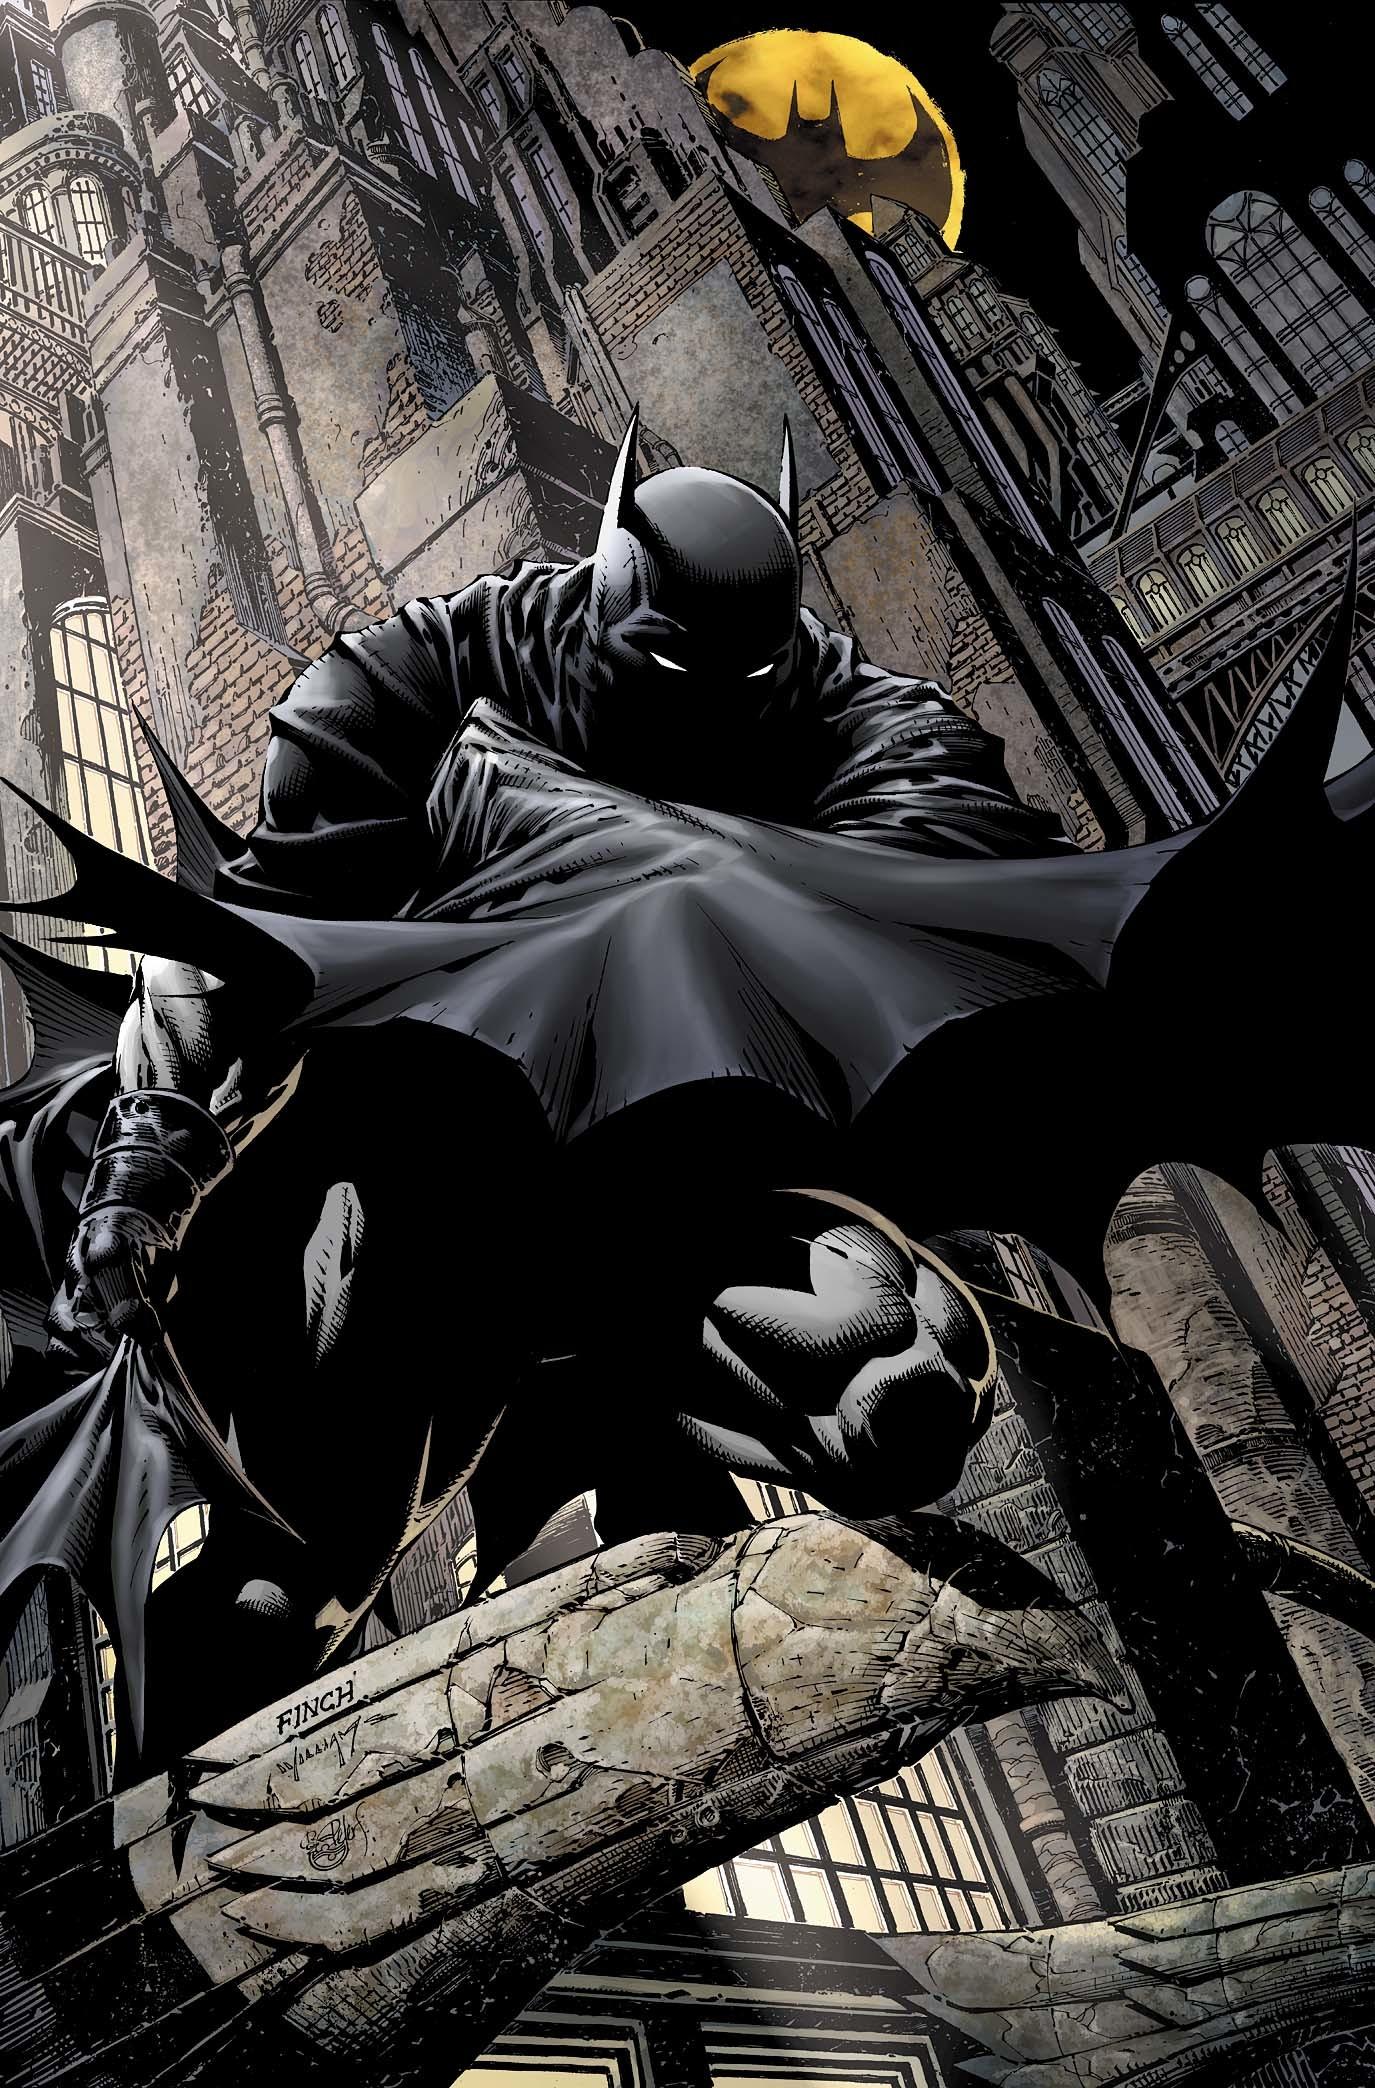 Res: 1375x2088, Batman Cartoon Wallpaper Image for iPod. Batman